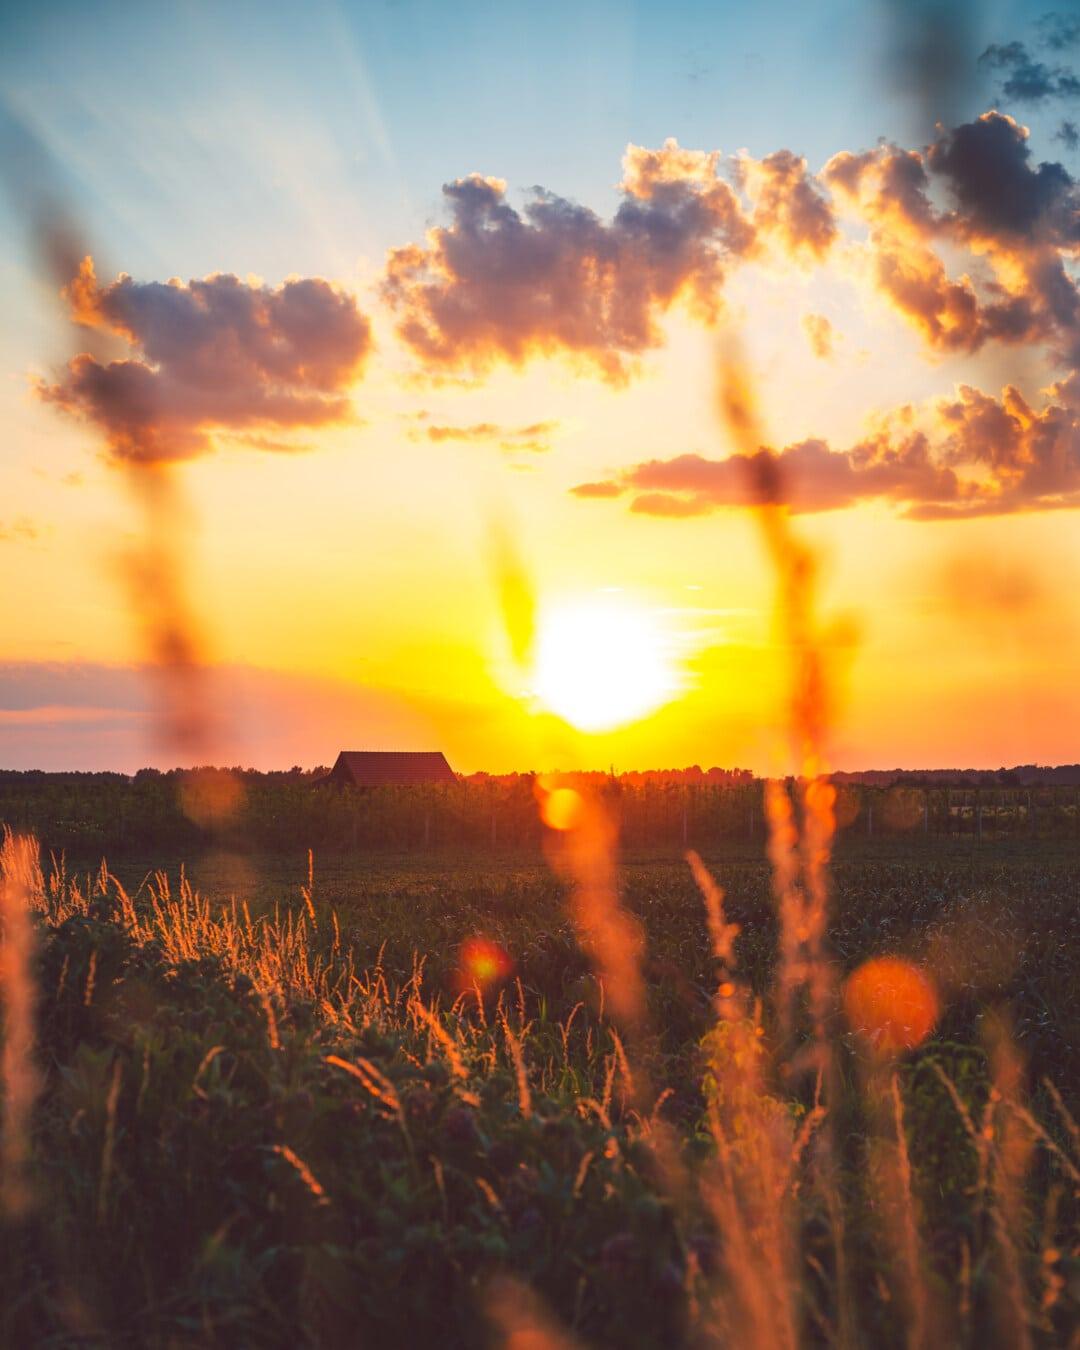 coucher de soleil, rayons de soleil, soleil, ensoleillée, ensoleillement, lueur du soleil, Agriculture, verger, domaine, aube